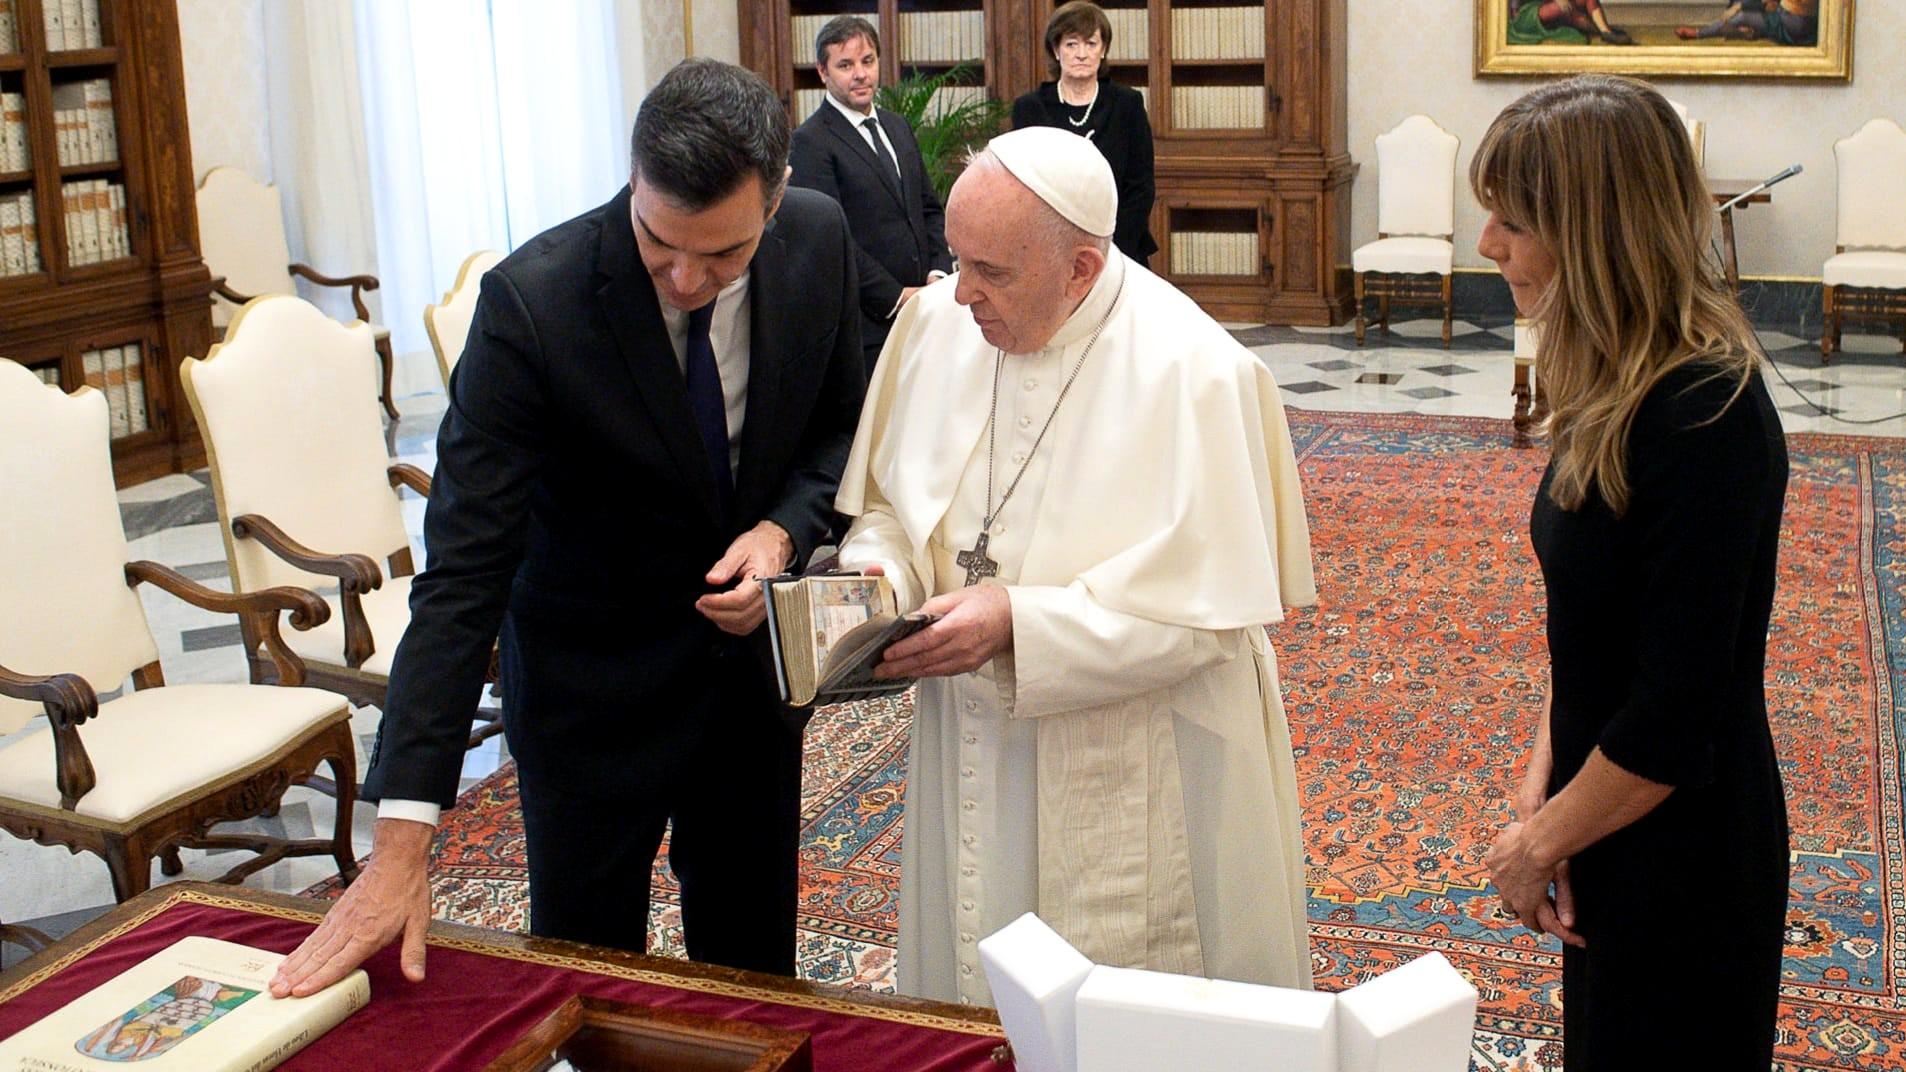 Pedro Sánchez i Papa Francesc al Vaticà